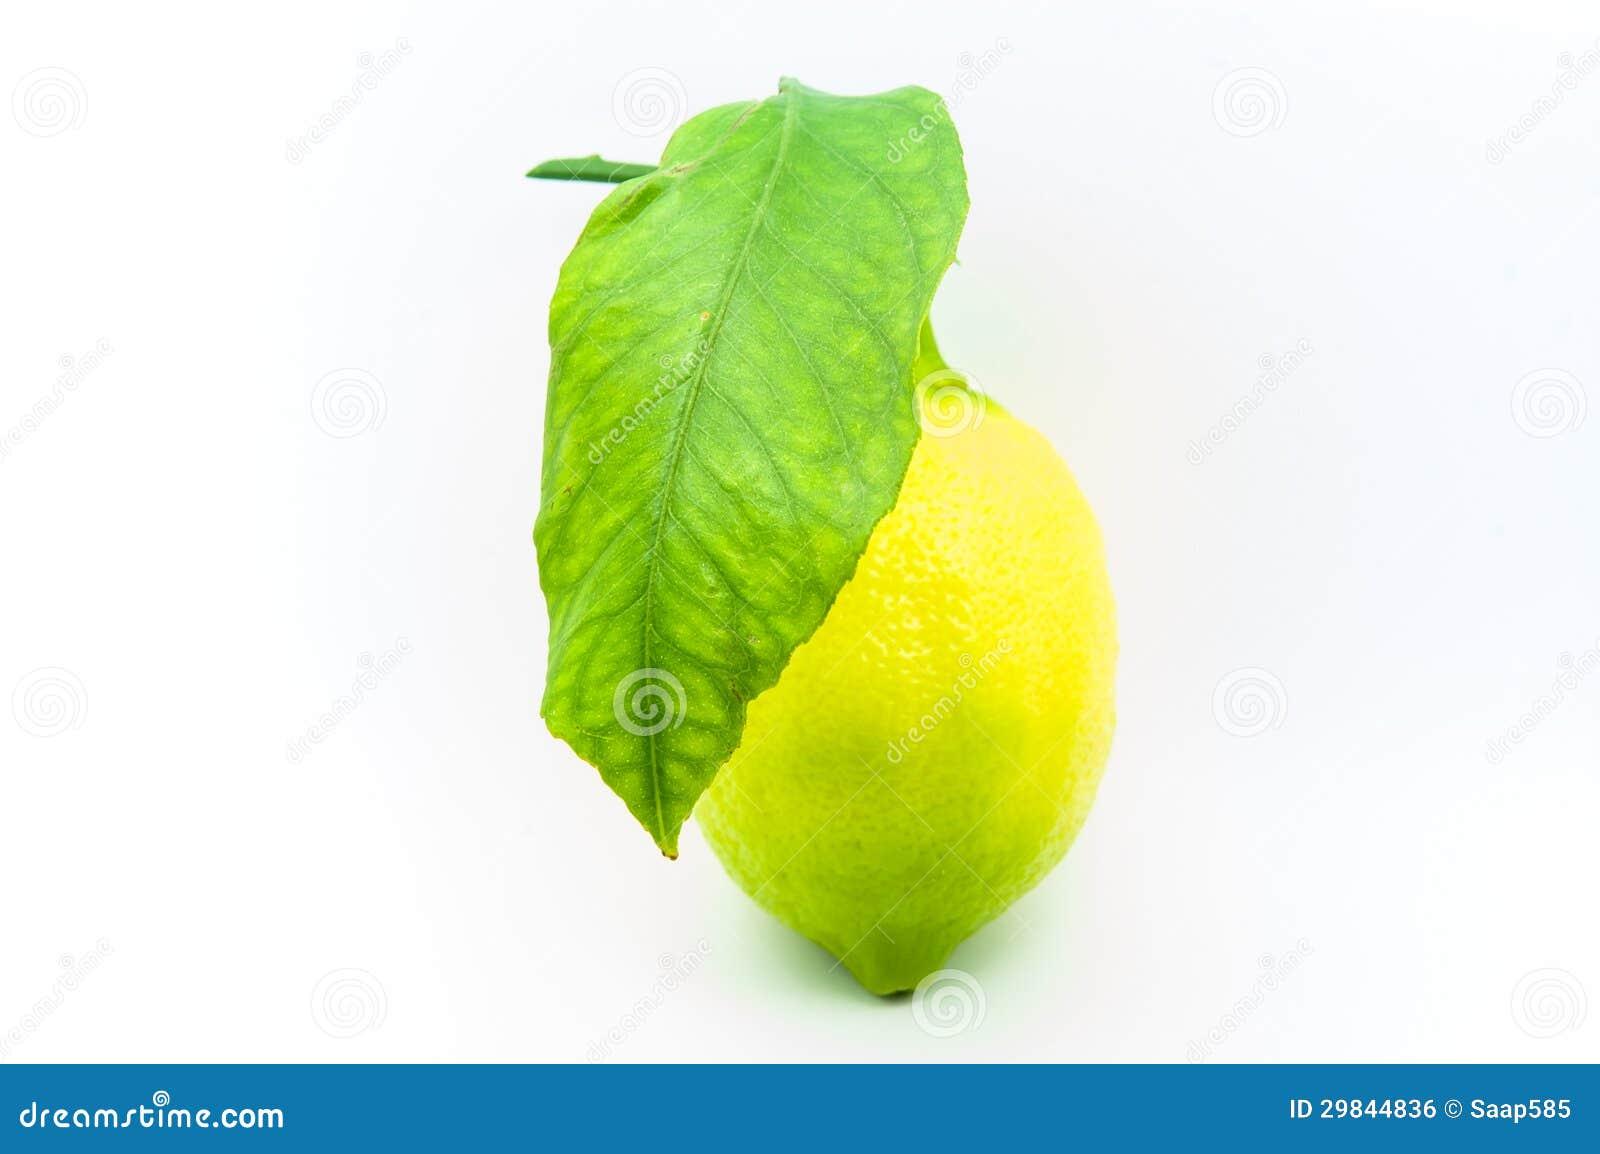 Limão cultivado em casa